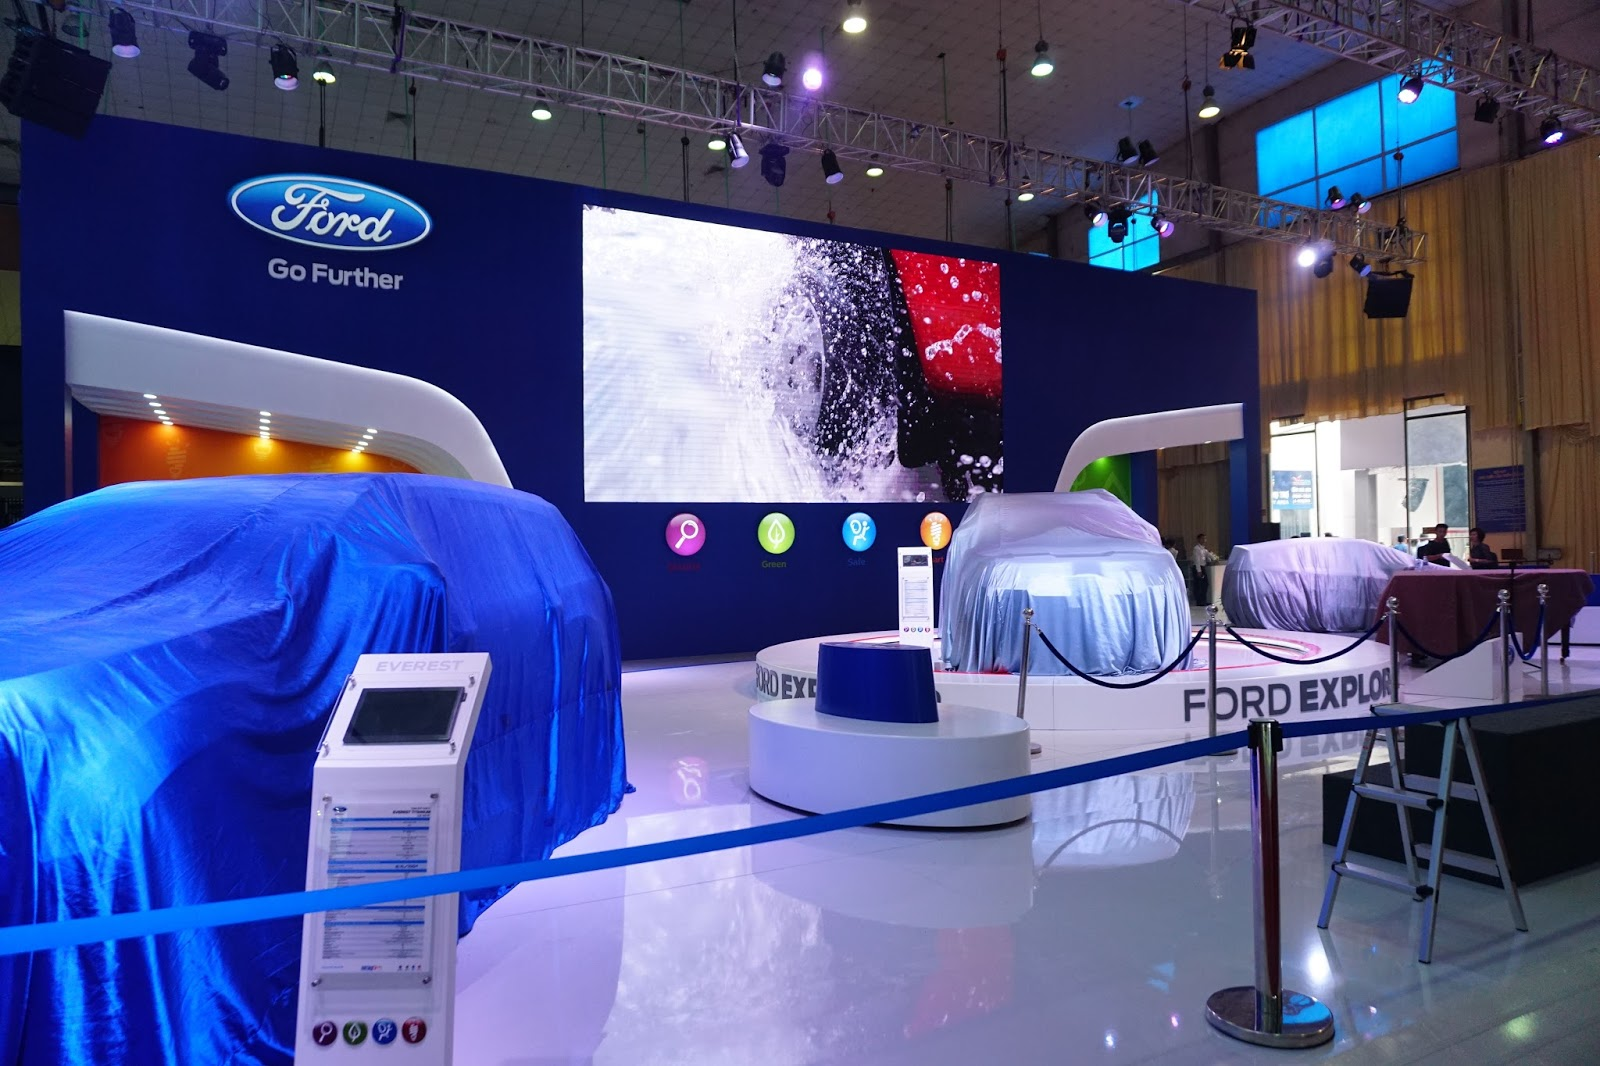 Gian hàng Ford bí ẩn với Ford Expolore 2017, mẫu SUV gia đình cỡ lớn